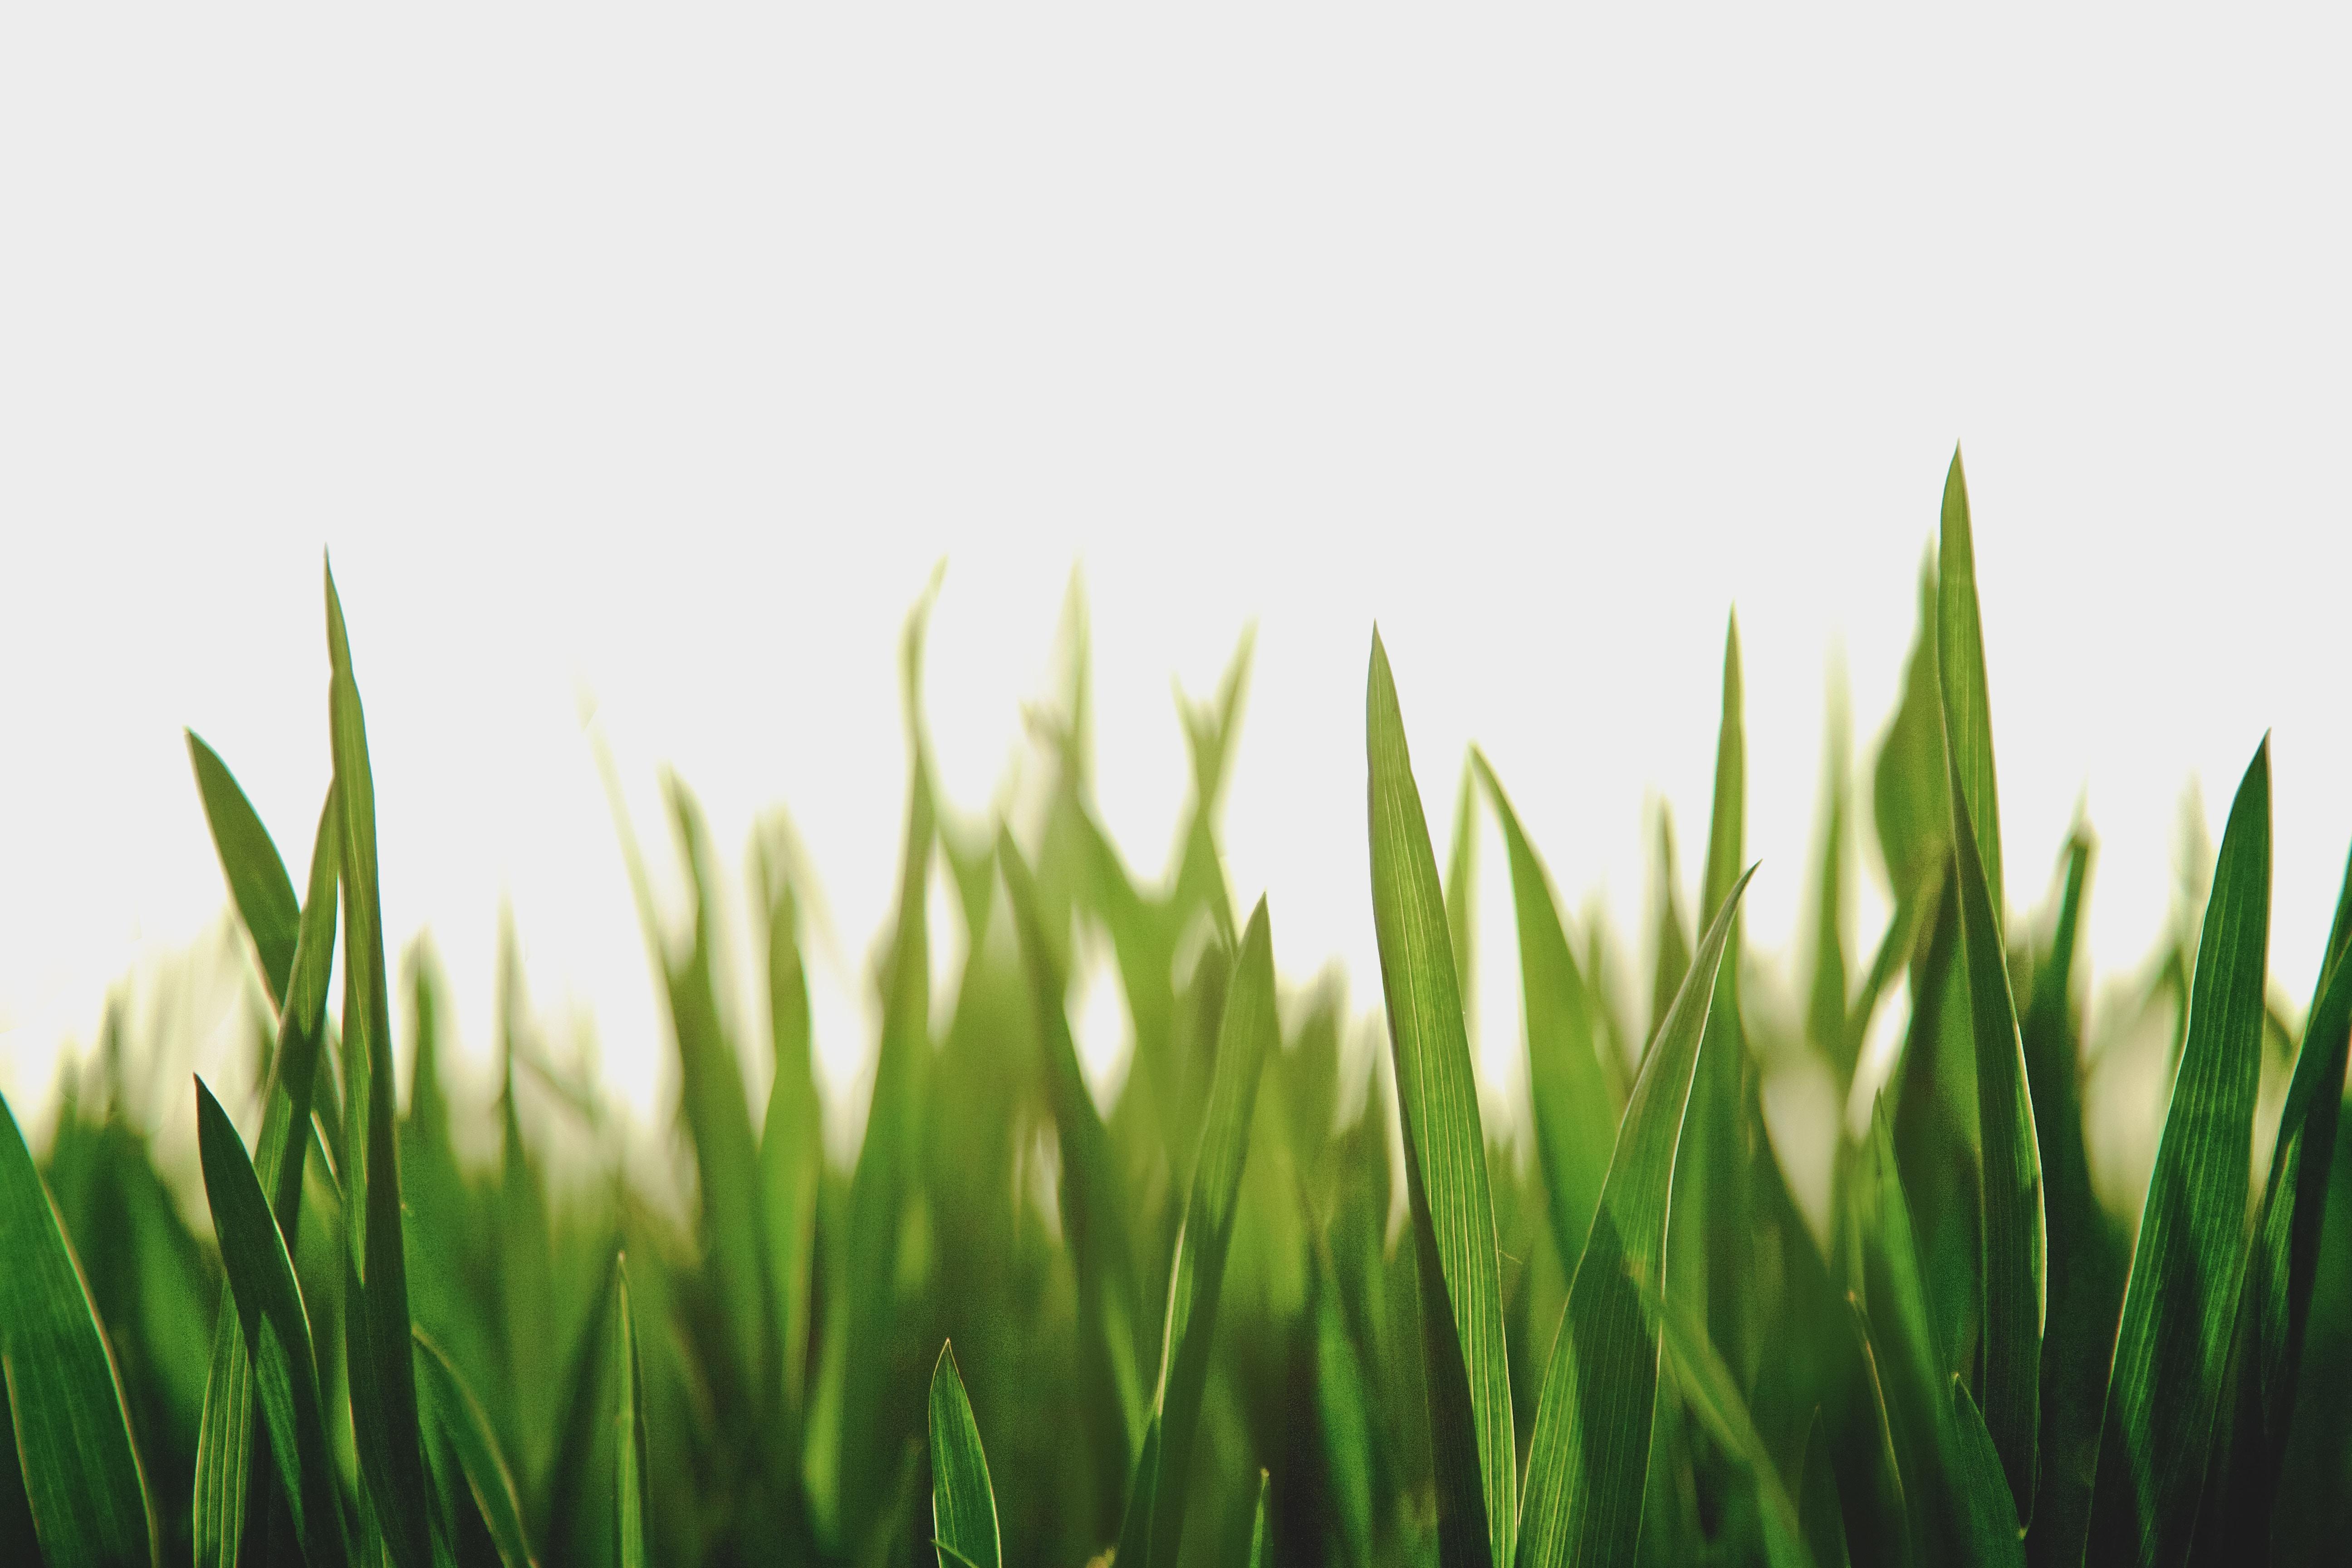 夢占いで緑が示す意味は?緑が目立つ夢について徹底調査